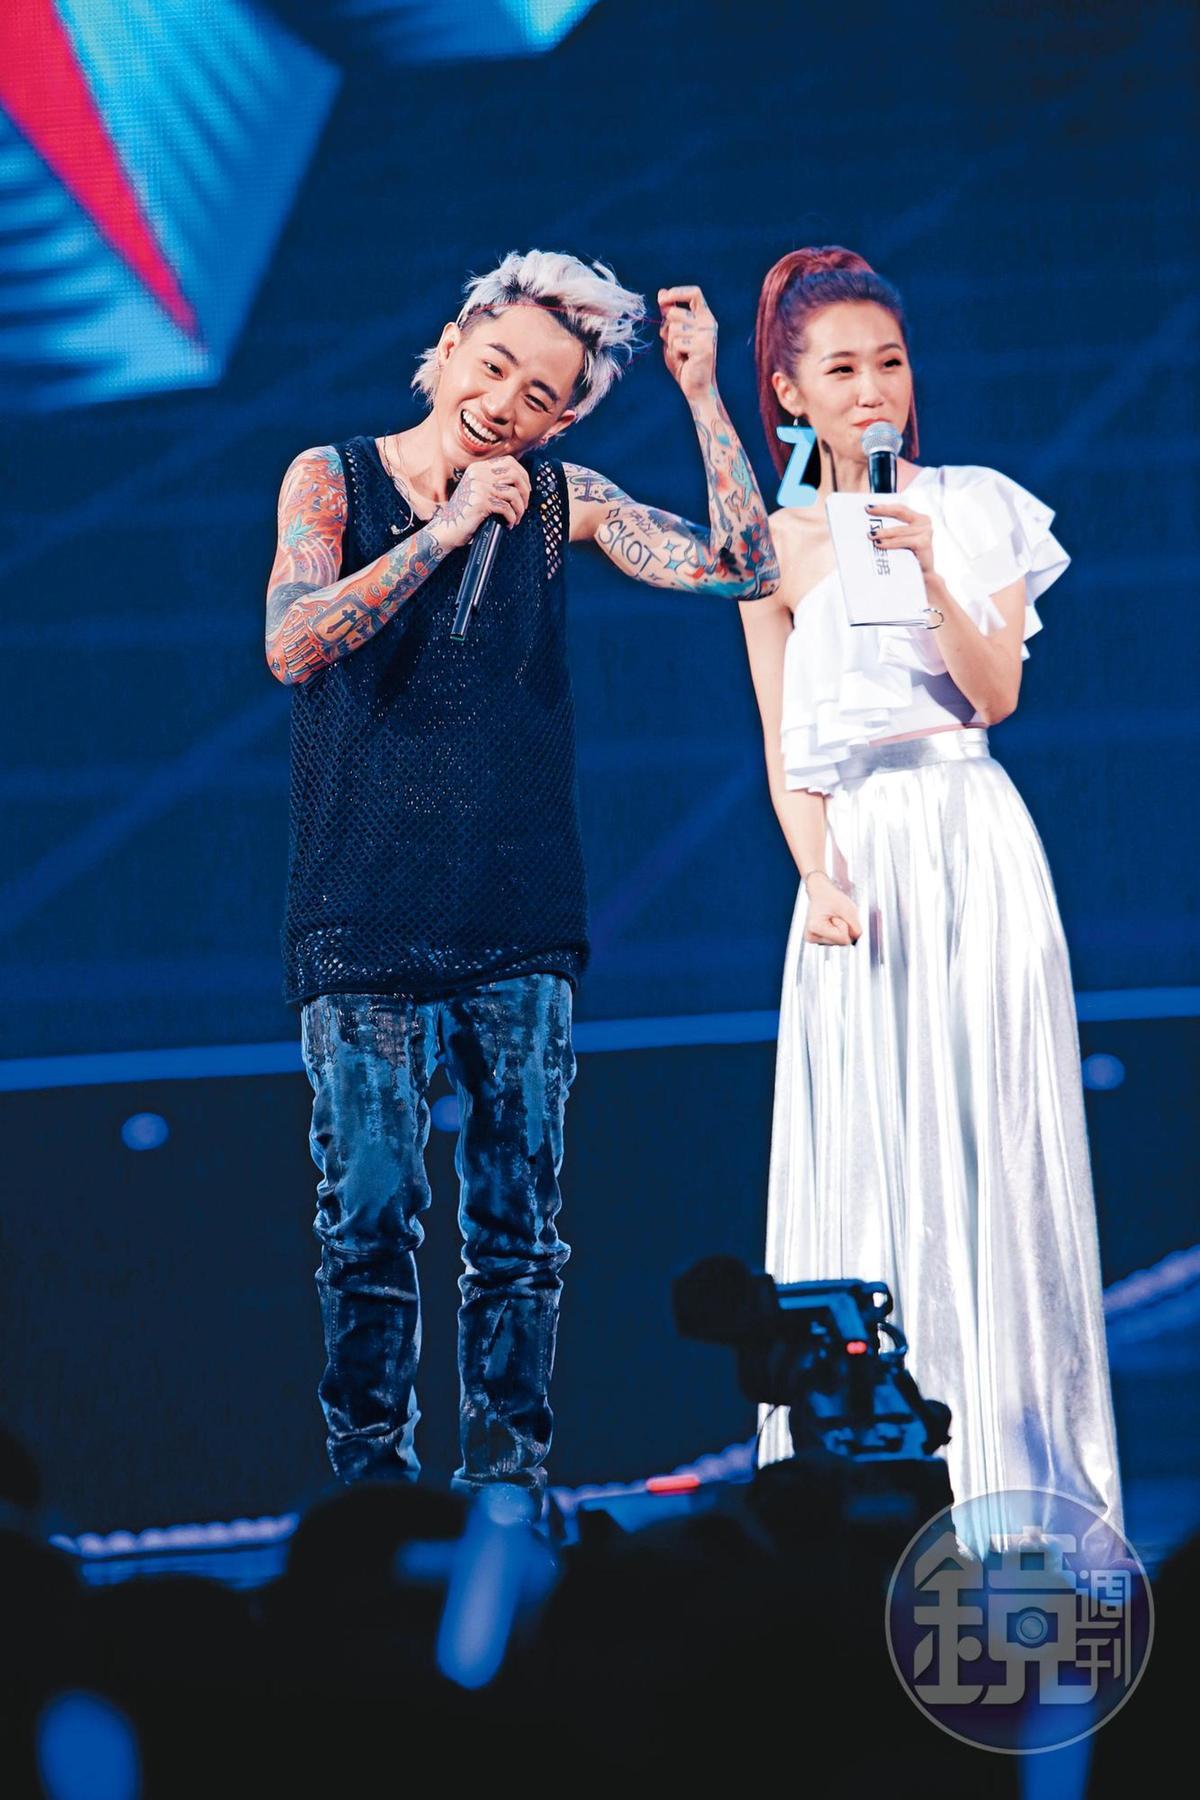 夫妻發生連串風波後,謝和弦(左)仍出席KKBOX風雲榜頒獎典禮,並賣力演出。